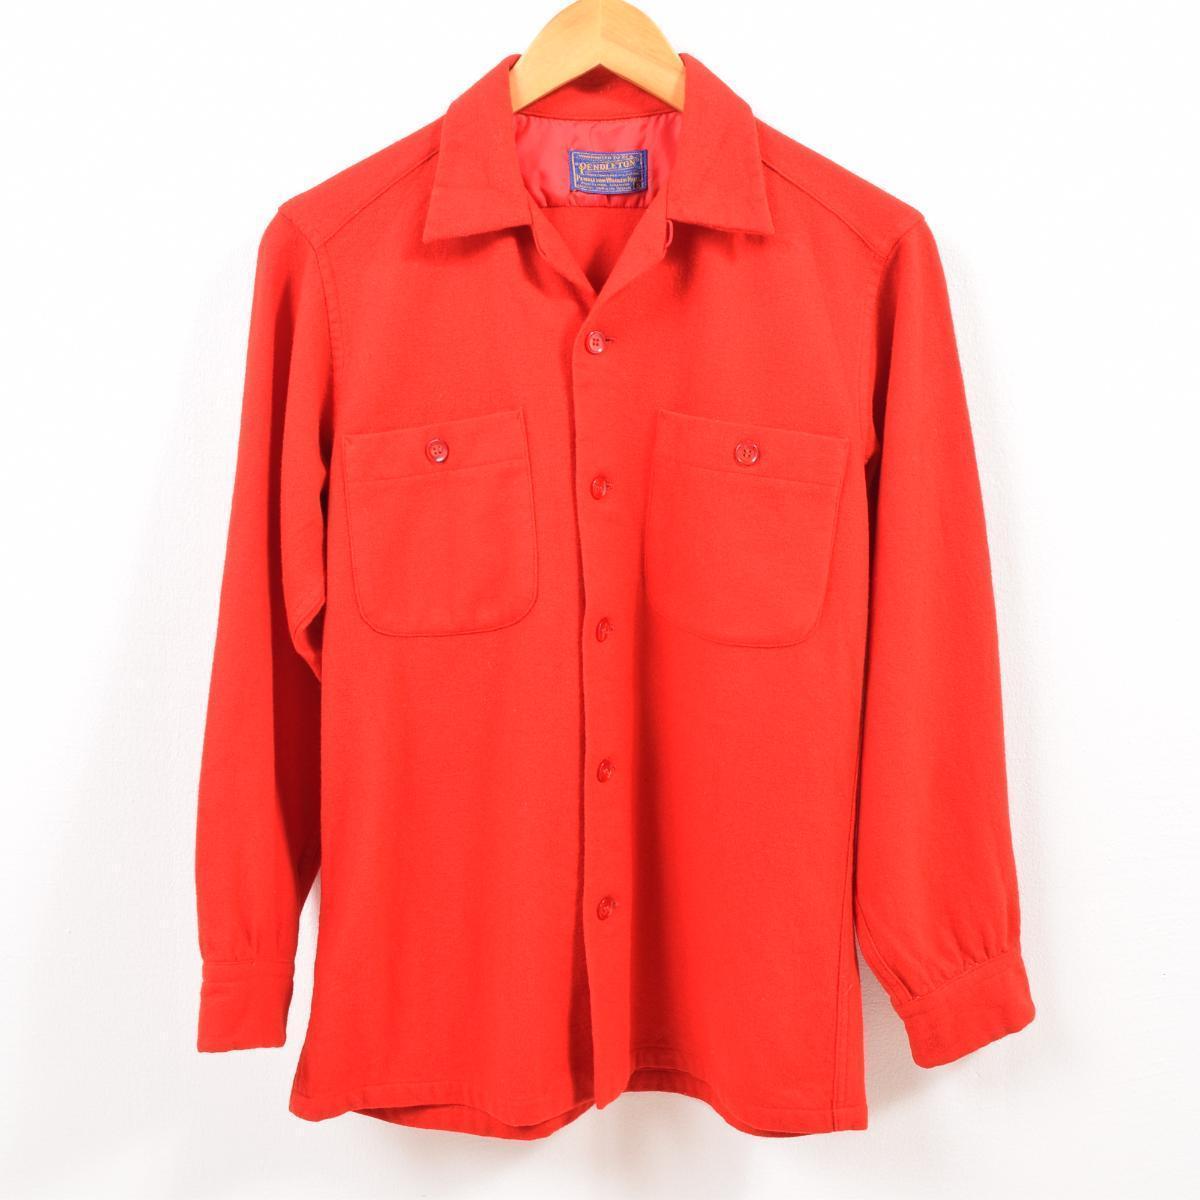 50年代 ペンドルトン PENDLETON オープンカラー ボードシャツ ウールボックスシャツ メンズS ヴィンテージ /wbg0437 【中古】 【190810】【SS2003】【SS2007】【CS2007】